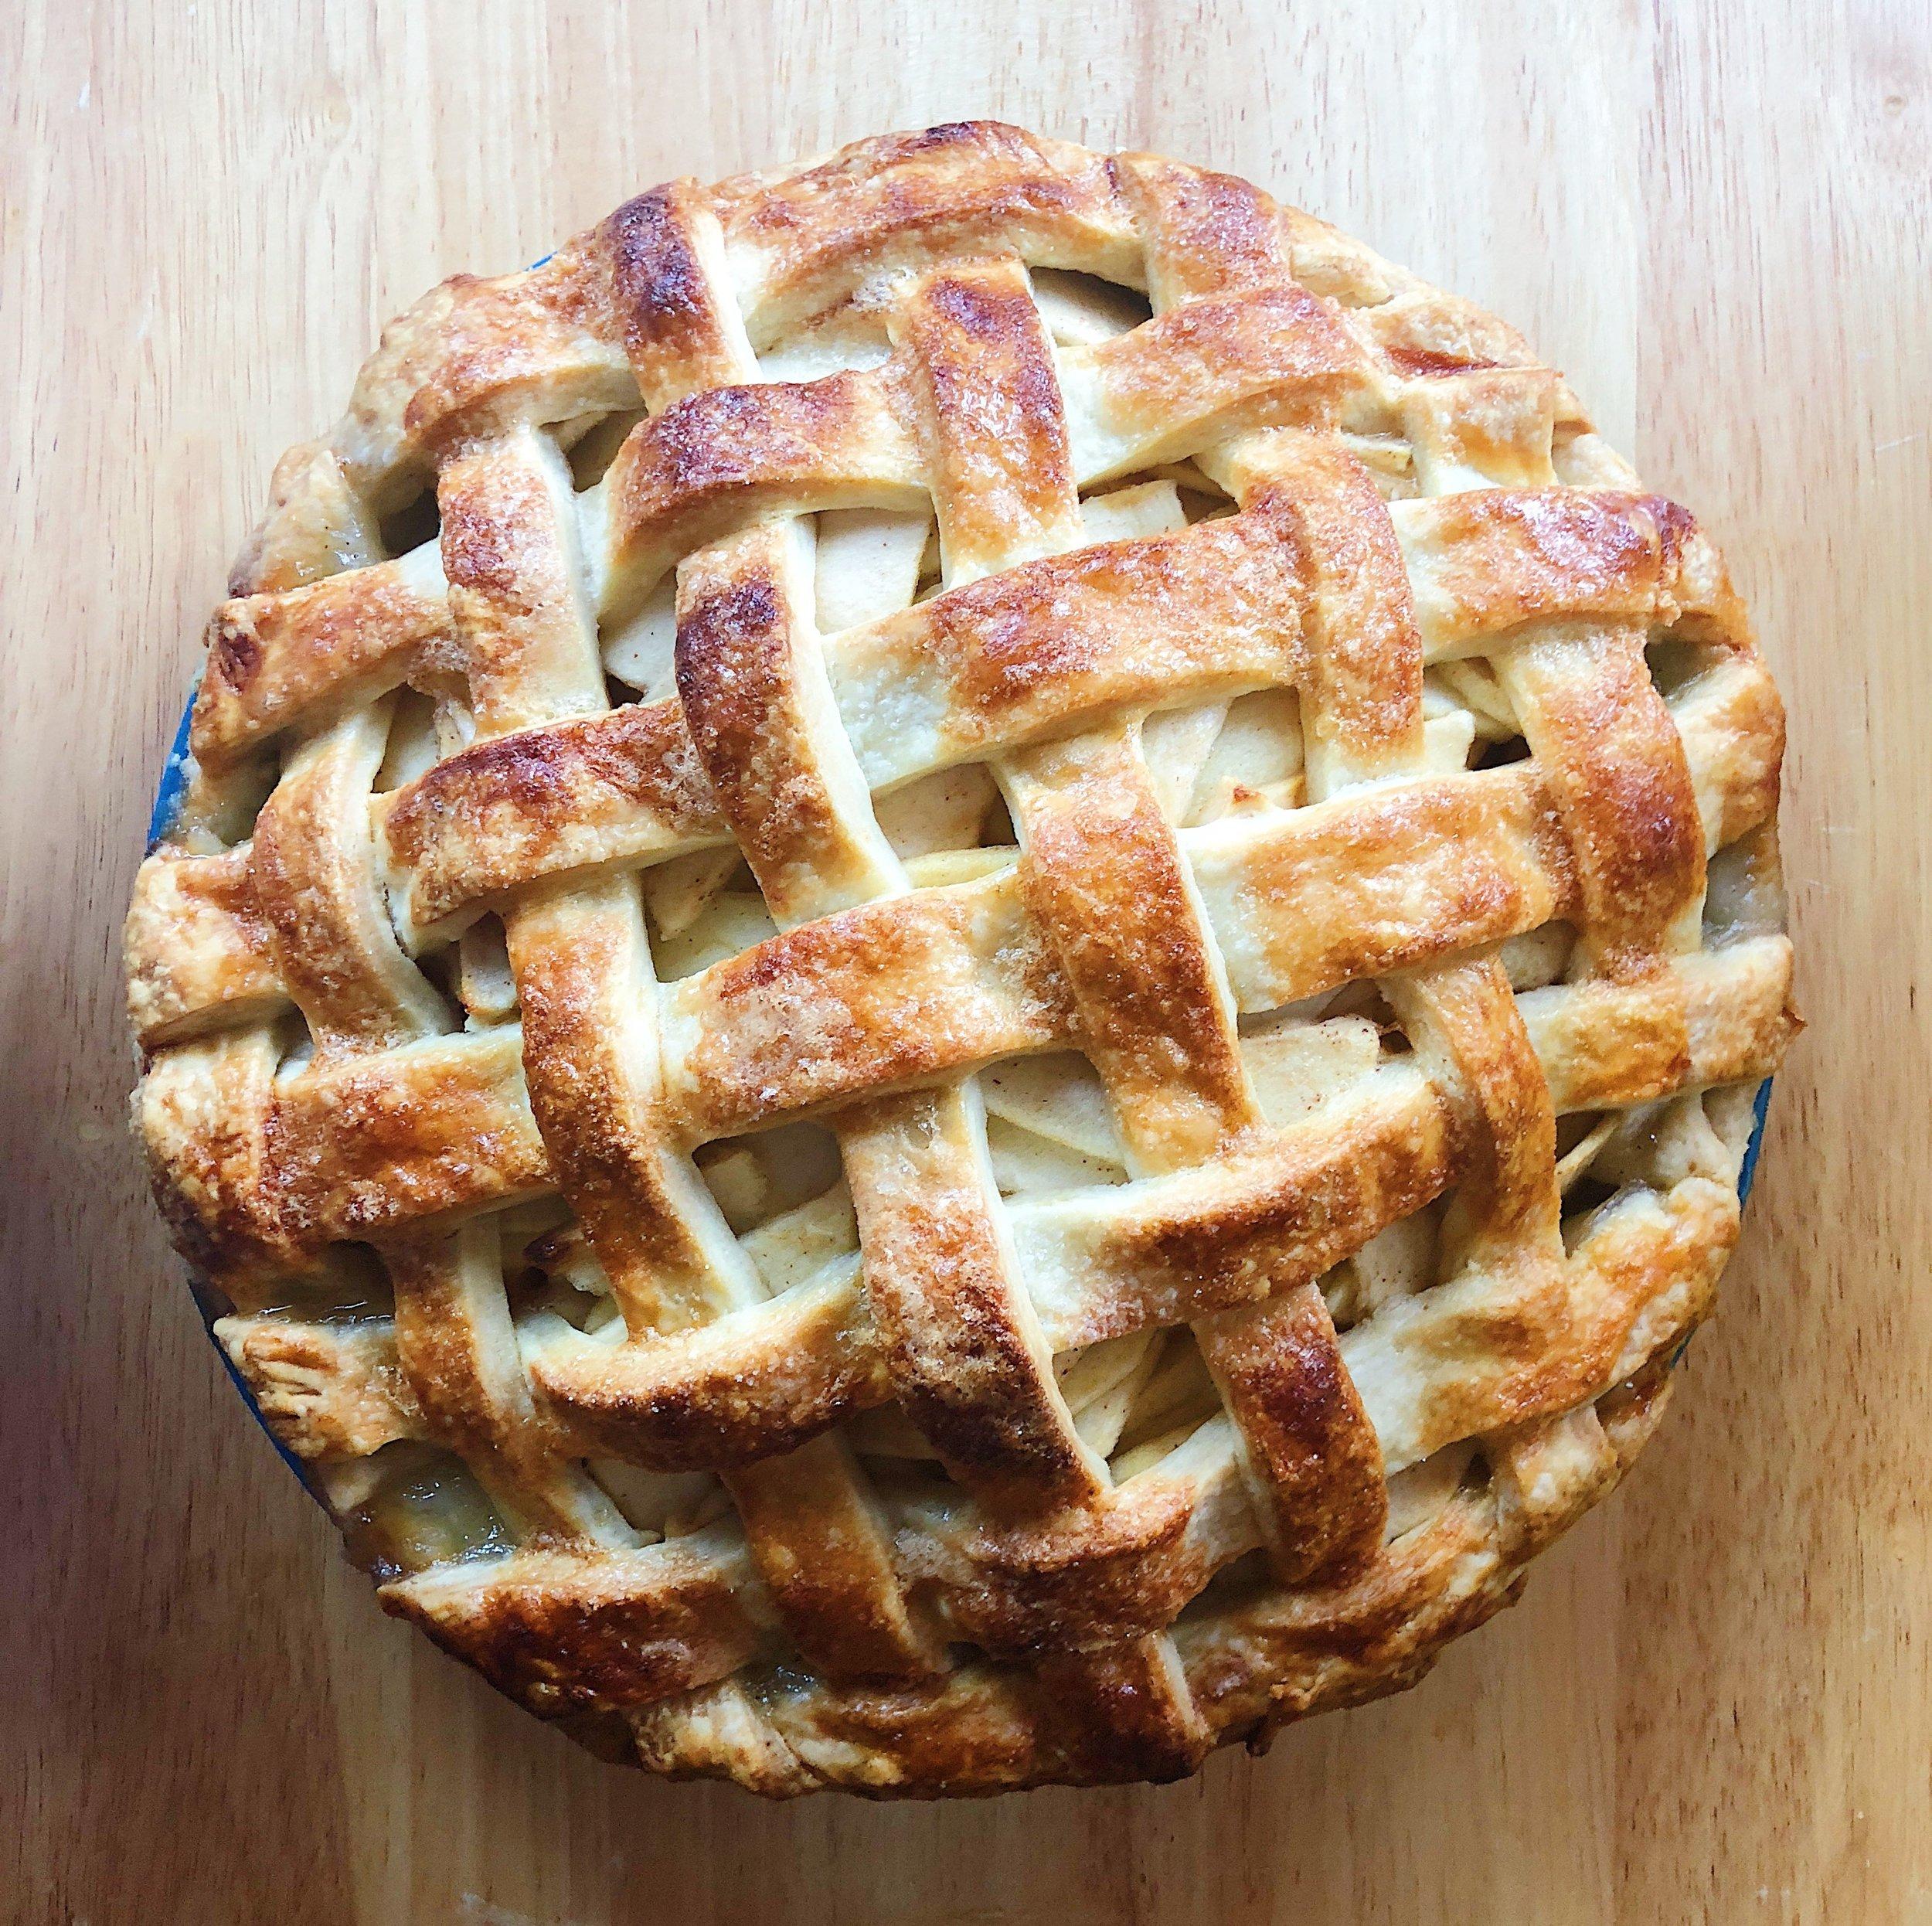 apple pie julianna strickland 5.jpg